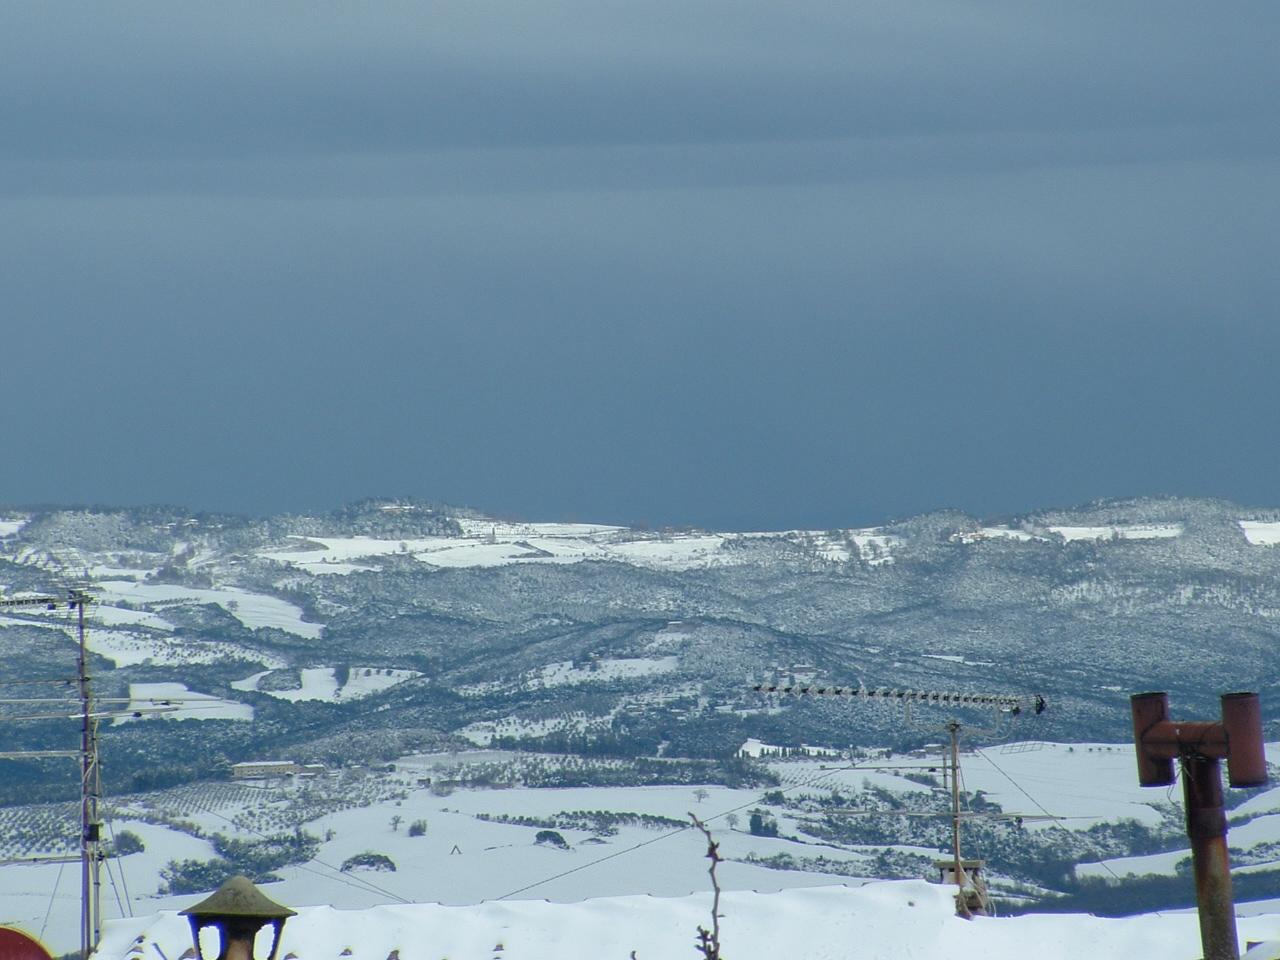 Volterra fotoreportage neve 9/10 marzo 2010..l'apoteosi nevosa!!-foto-mattina-volterra-10-marzo-2010-2-7-.jpg